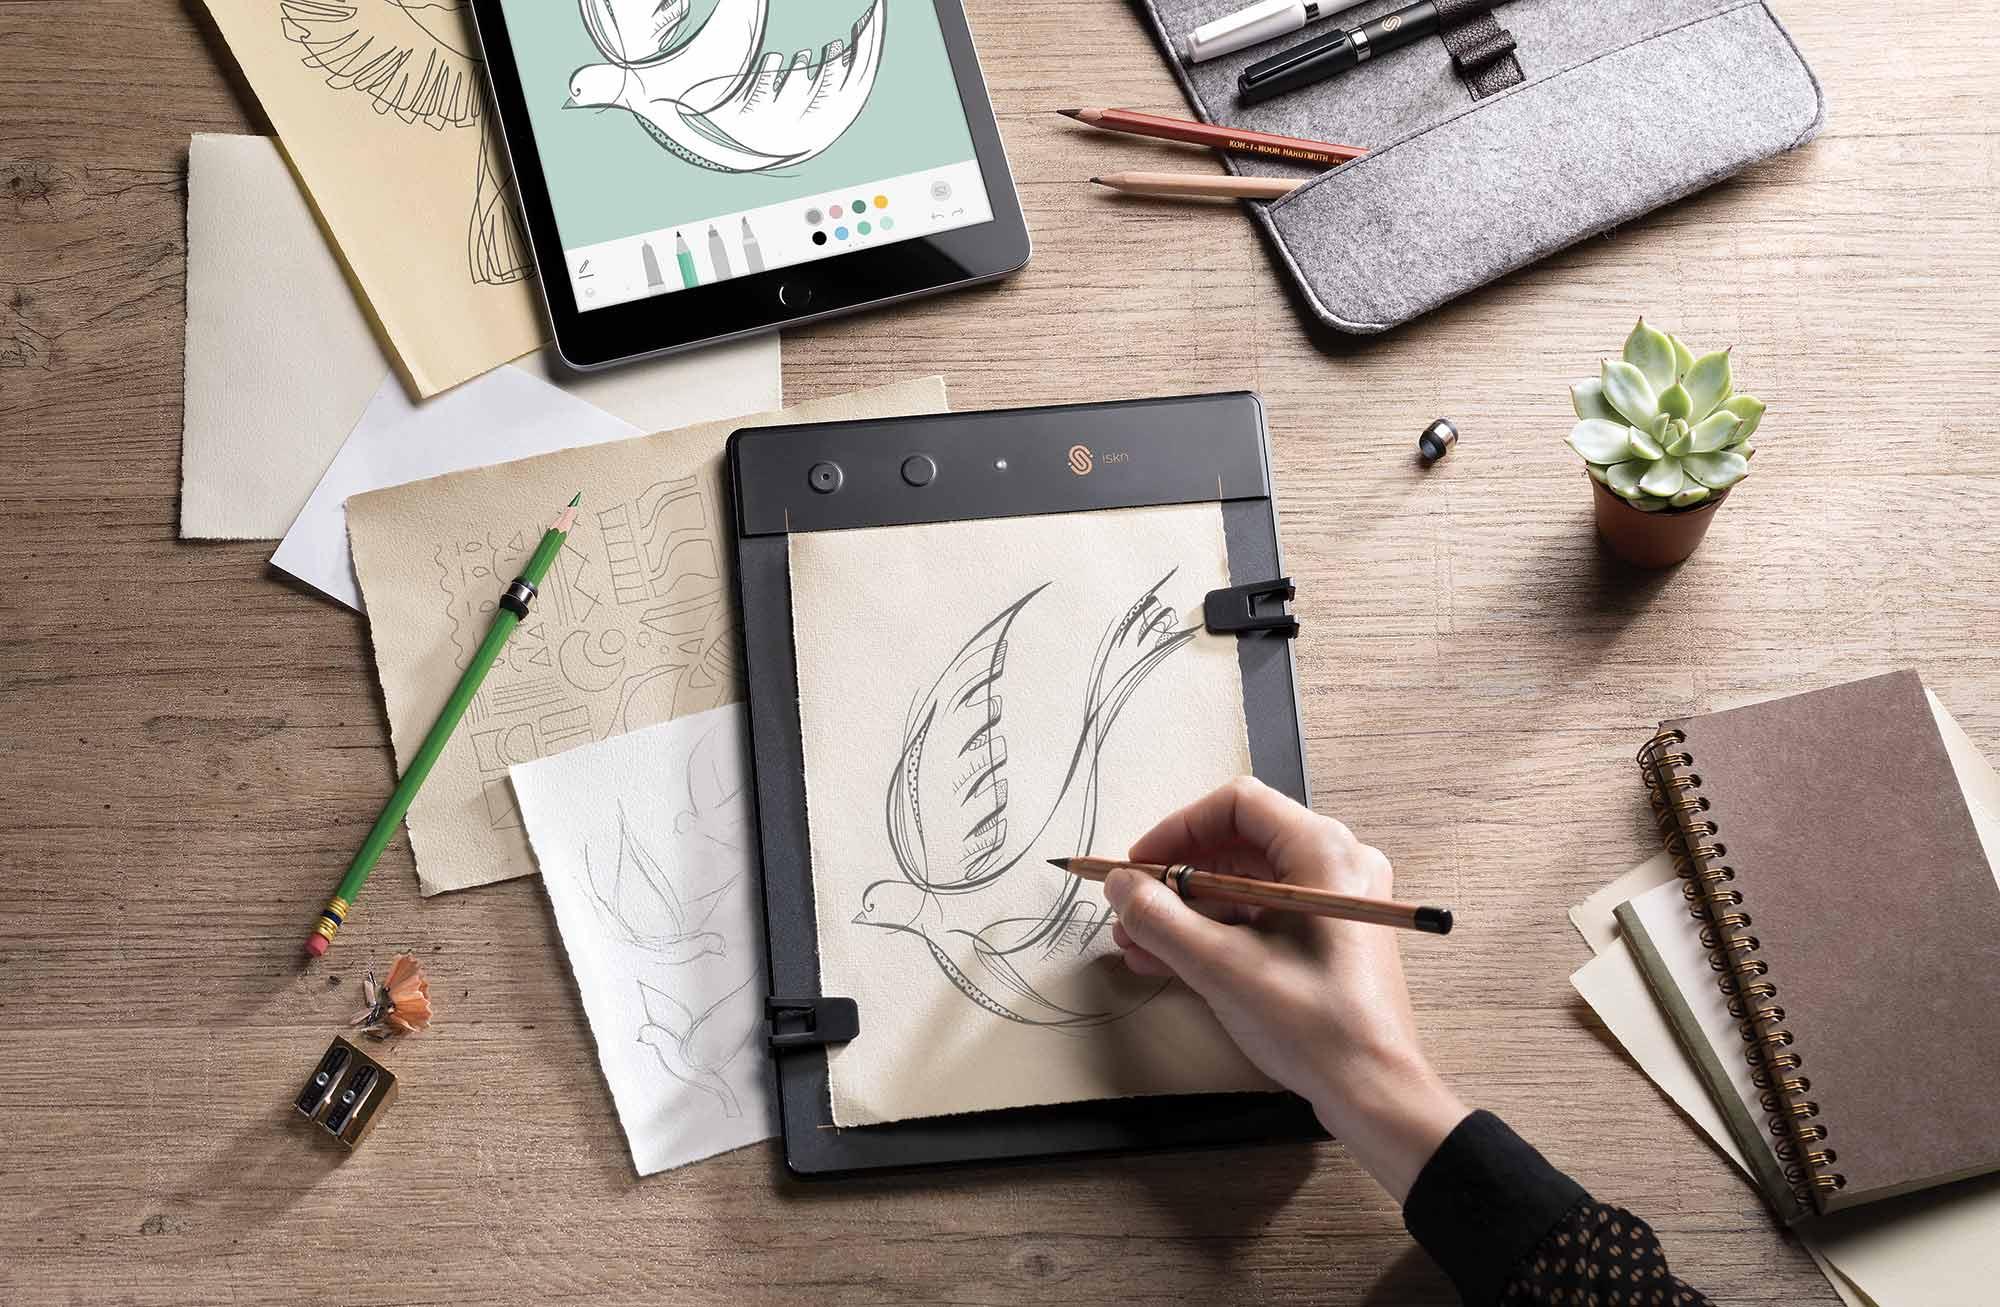 Slate 2+, un anillo que puedes colocar en tu lápiz para digitalizar tus creaciones en tiempo real